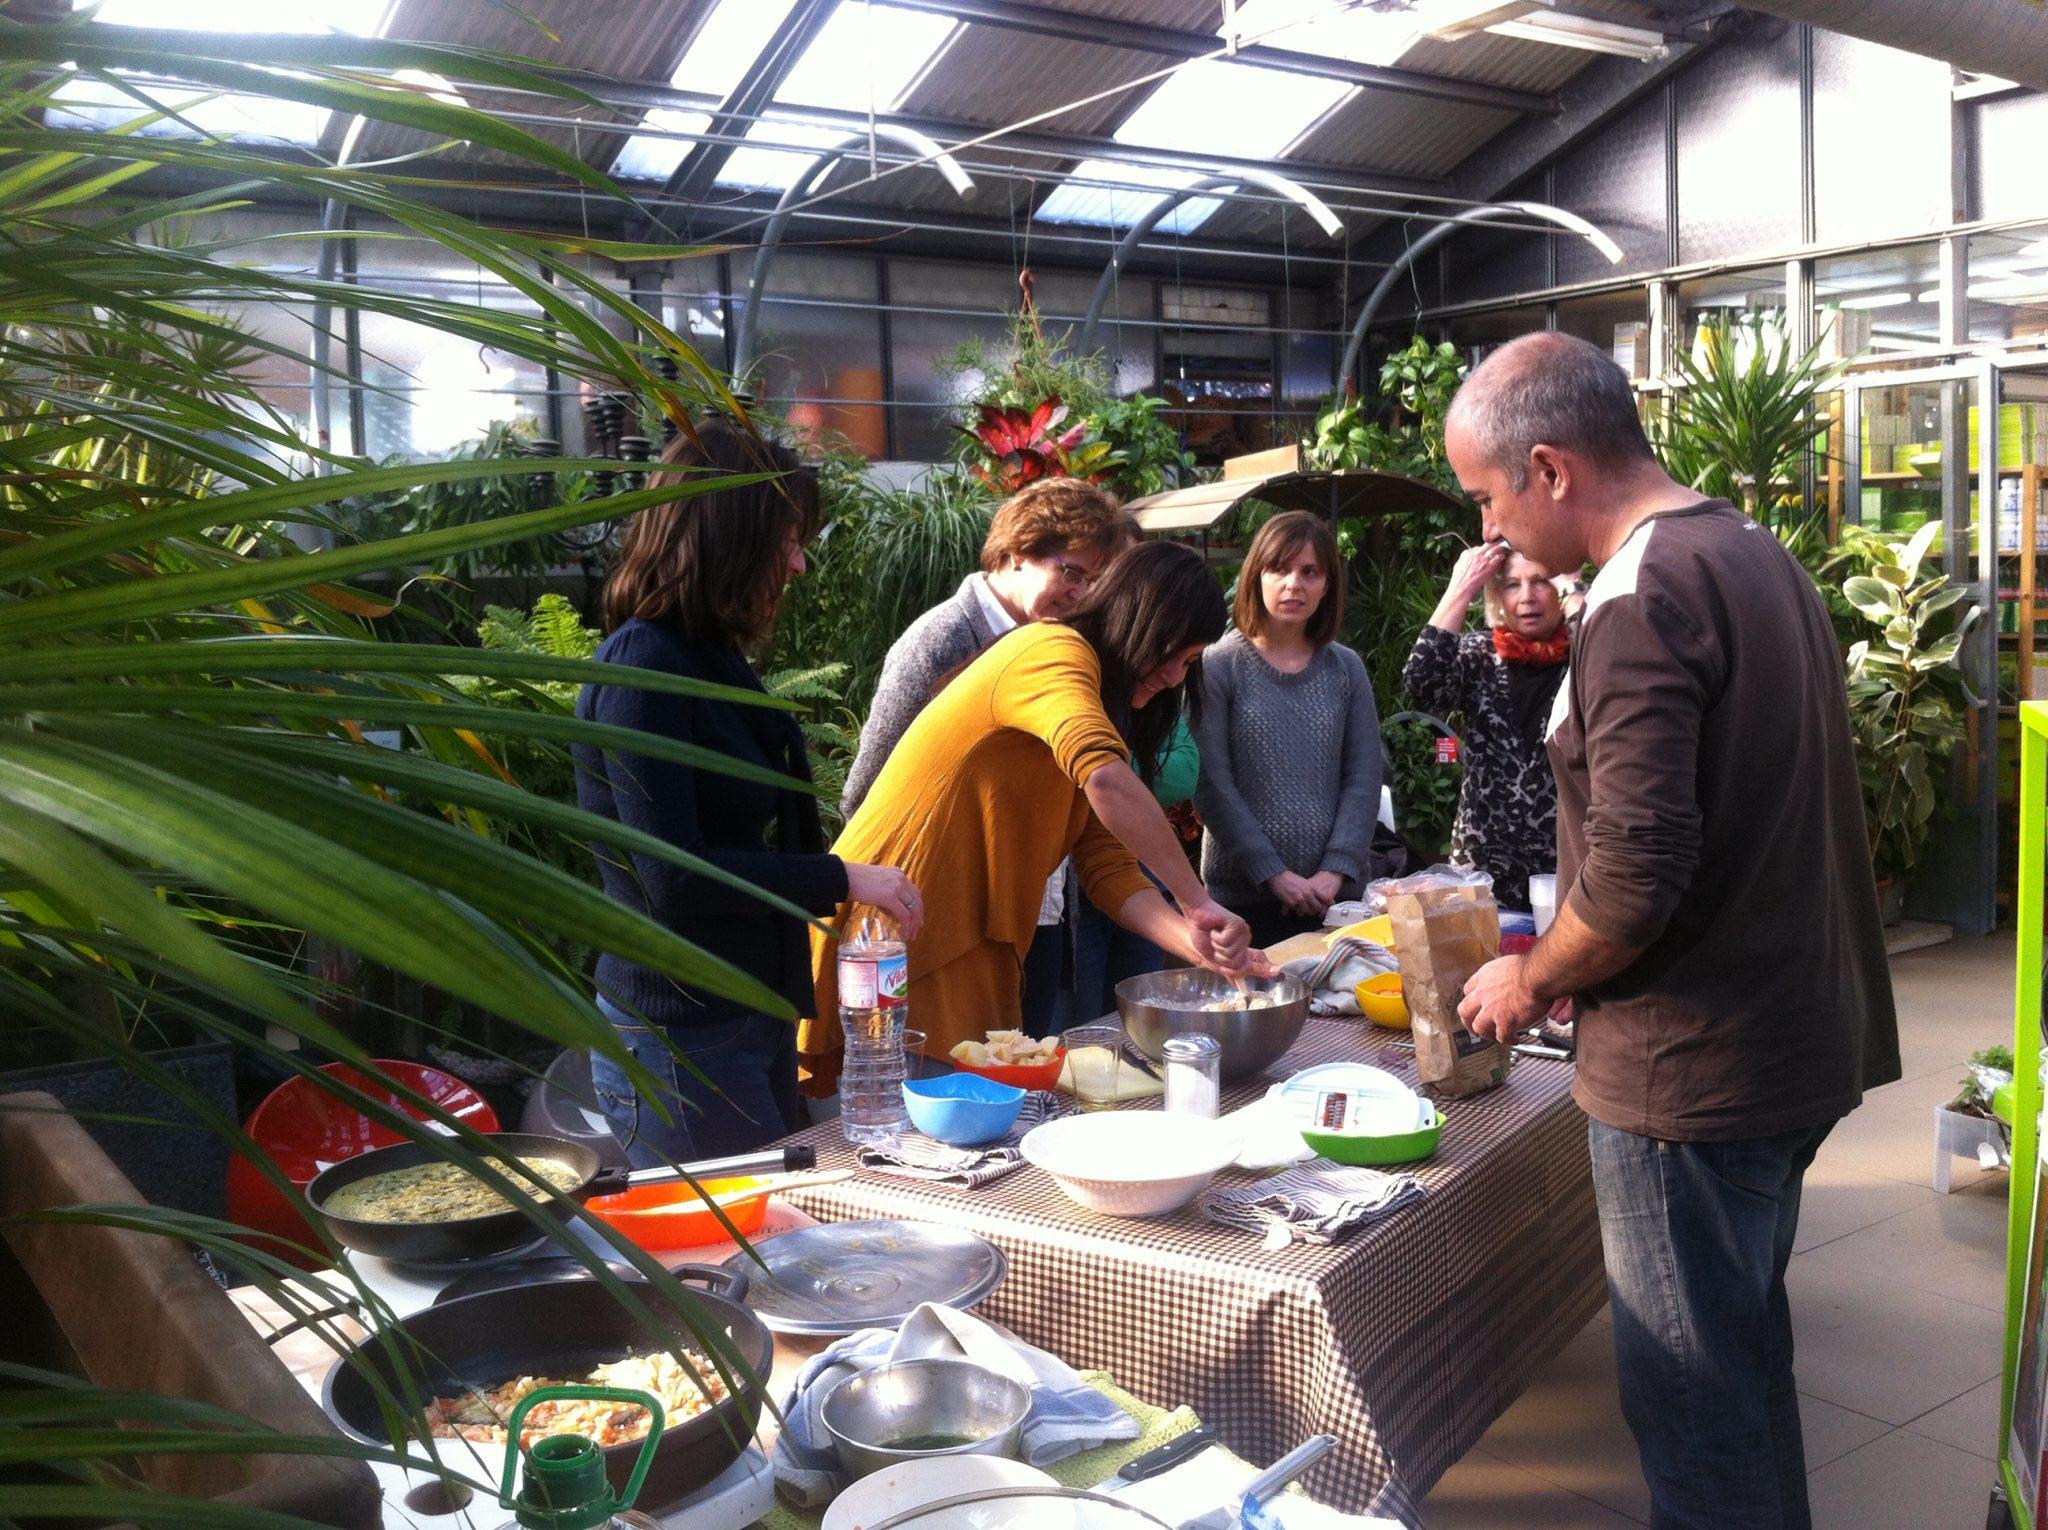 Taller de cocina de temporada conillas - Conillas garden center ...